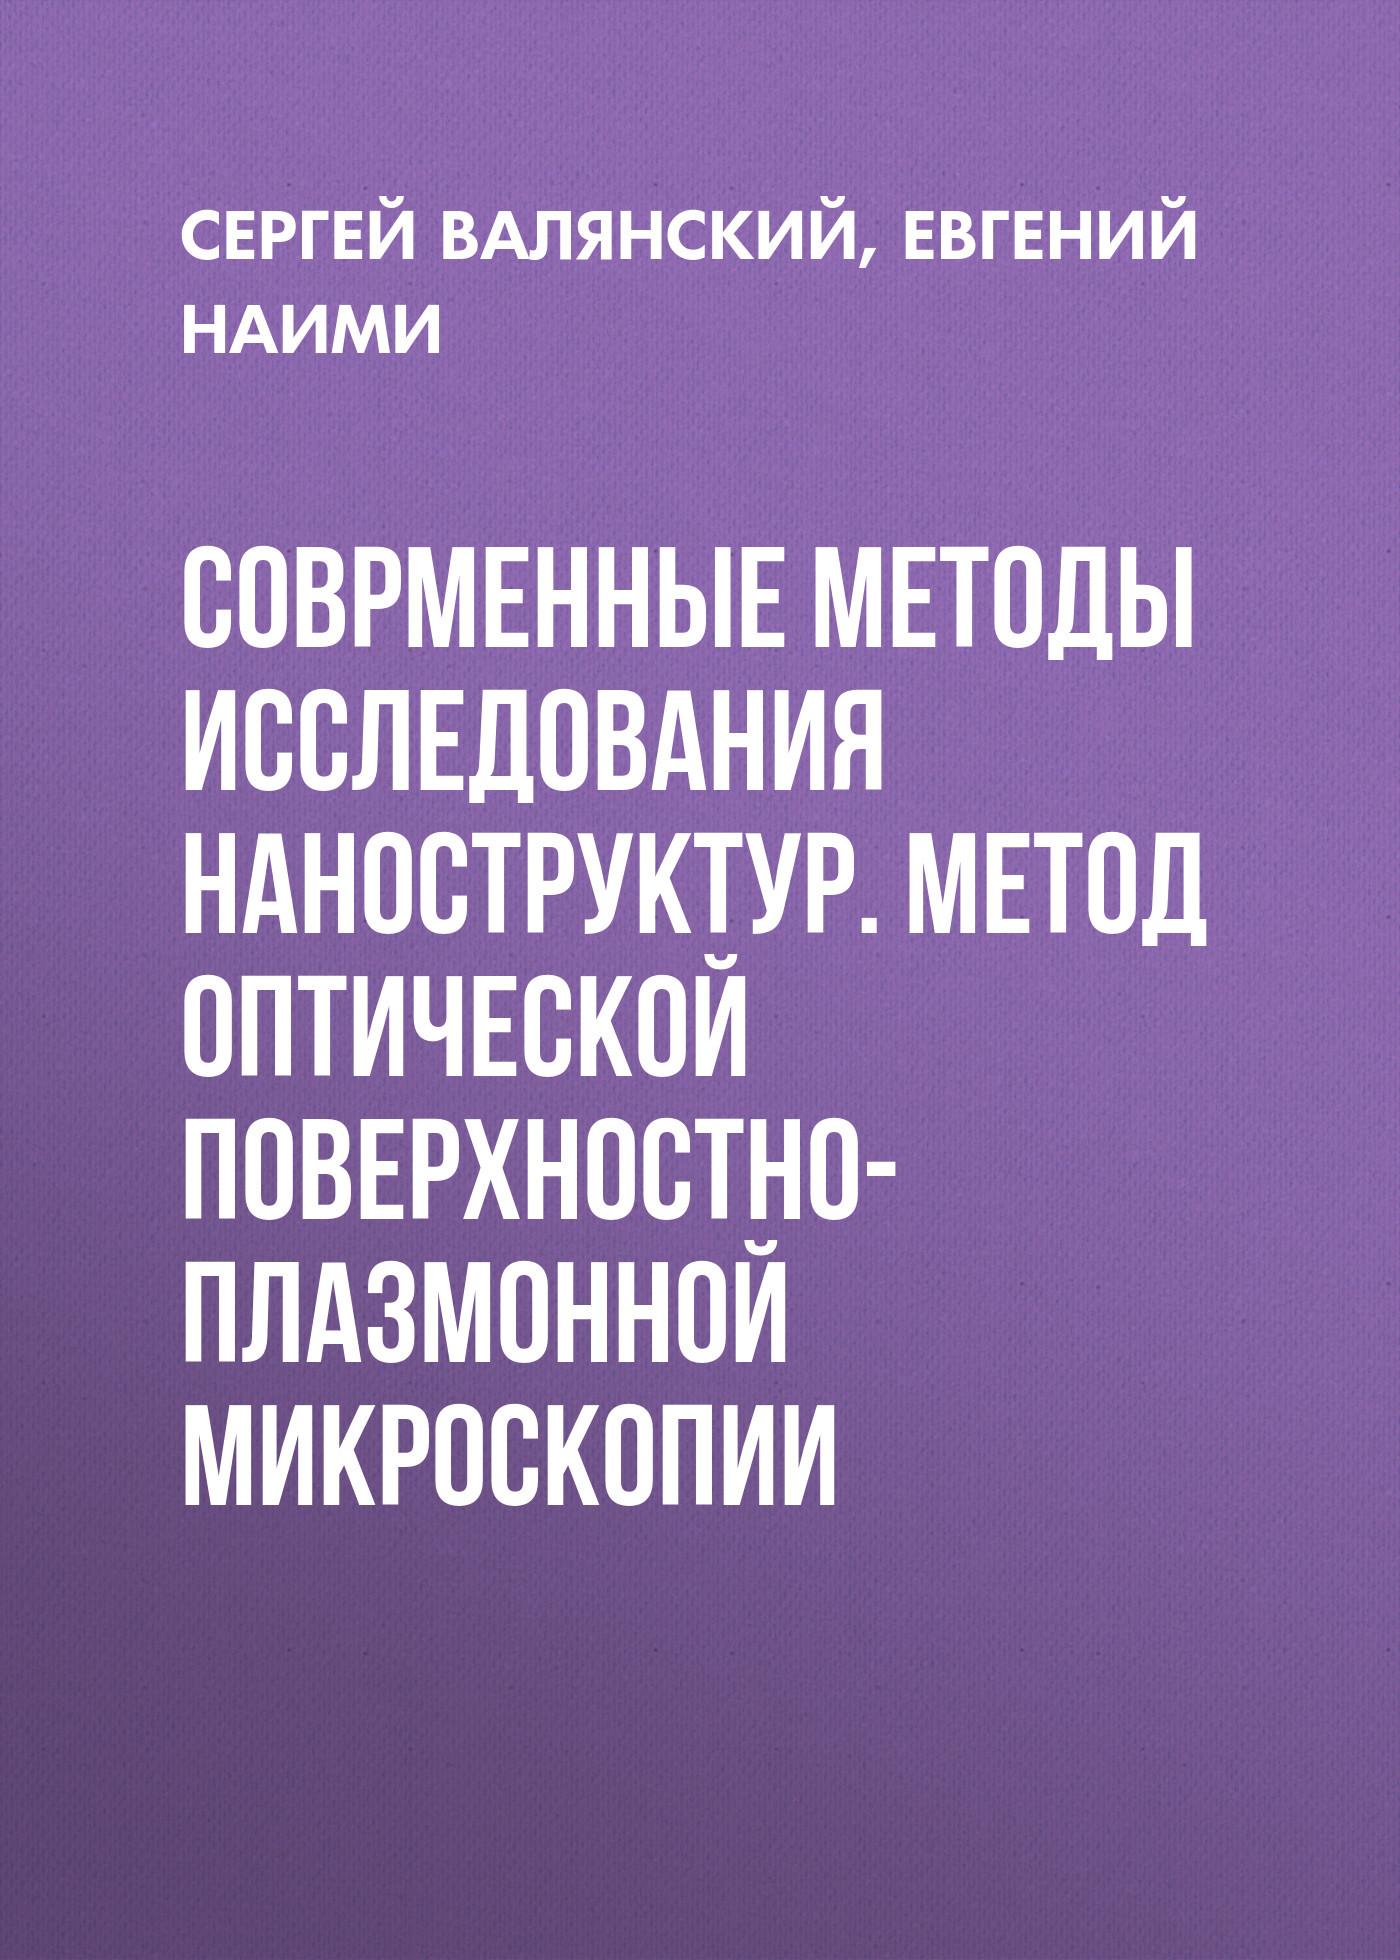 Сергей Валянский. Соврменные методы исследования наноструктур. Метод оптической поверхностно-плазмонной микроскопии